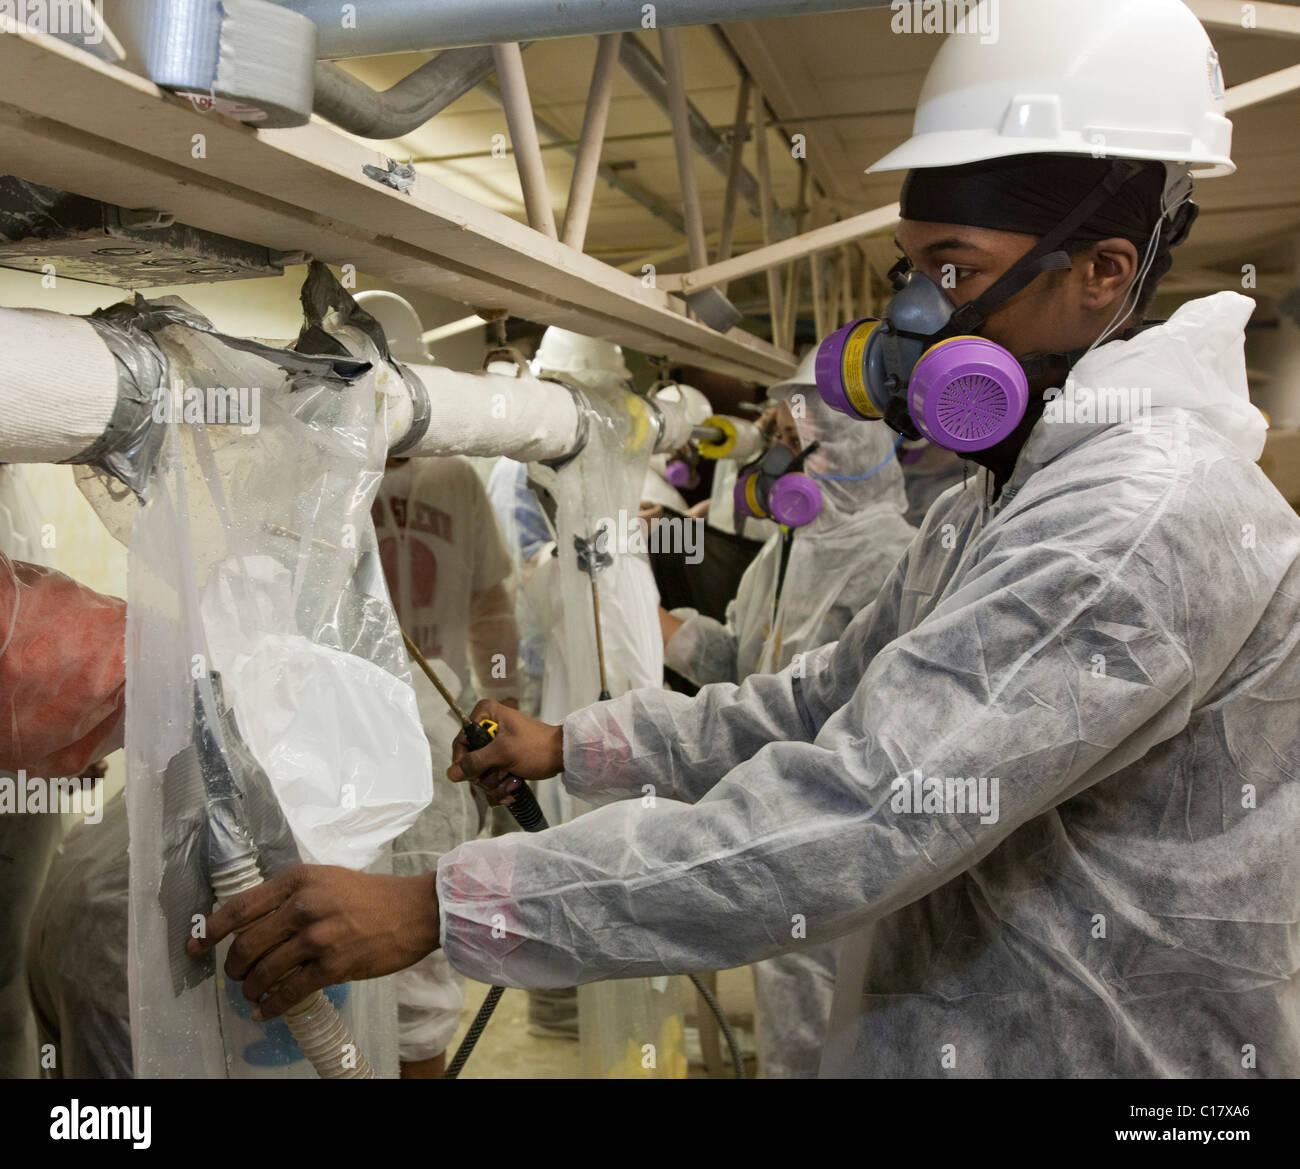 Asbestos Removal Training - Stock Image